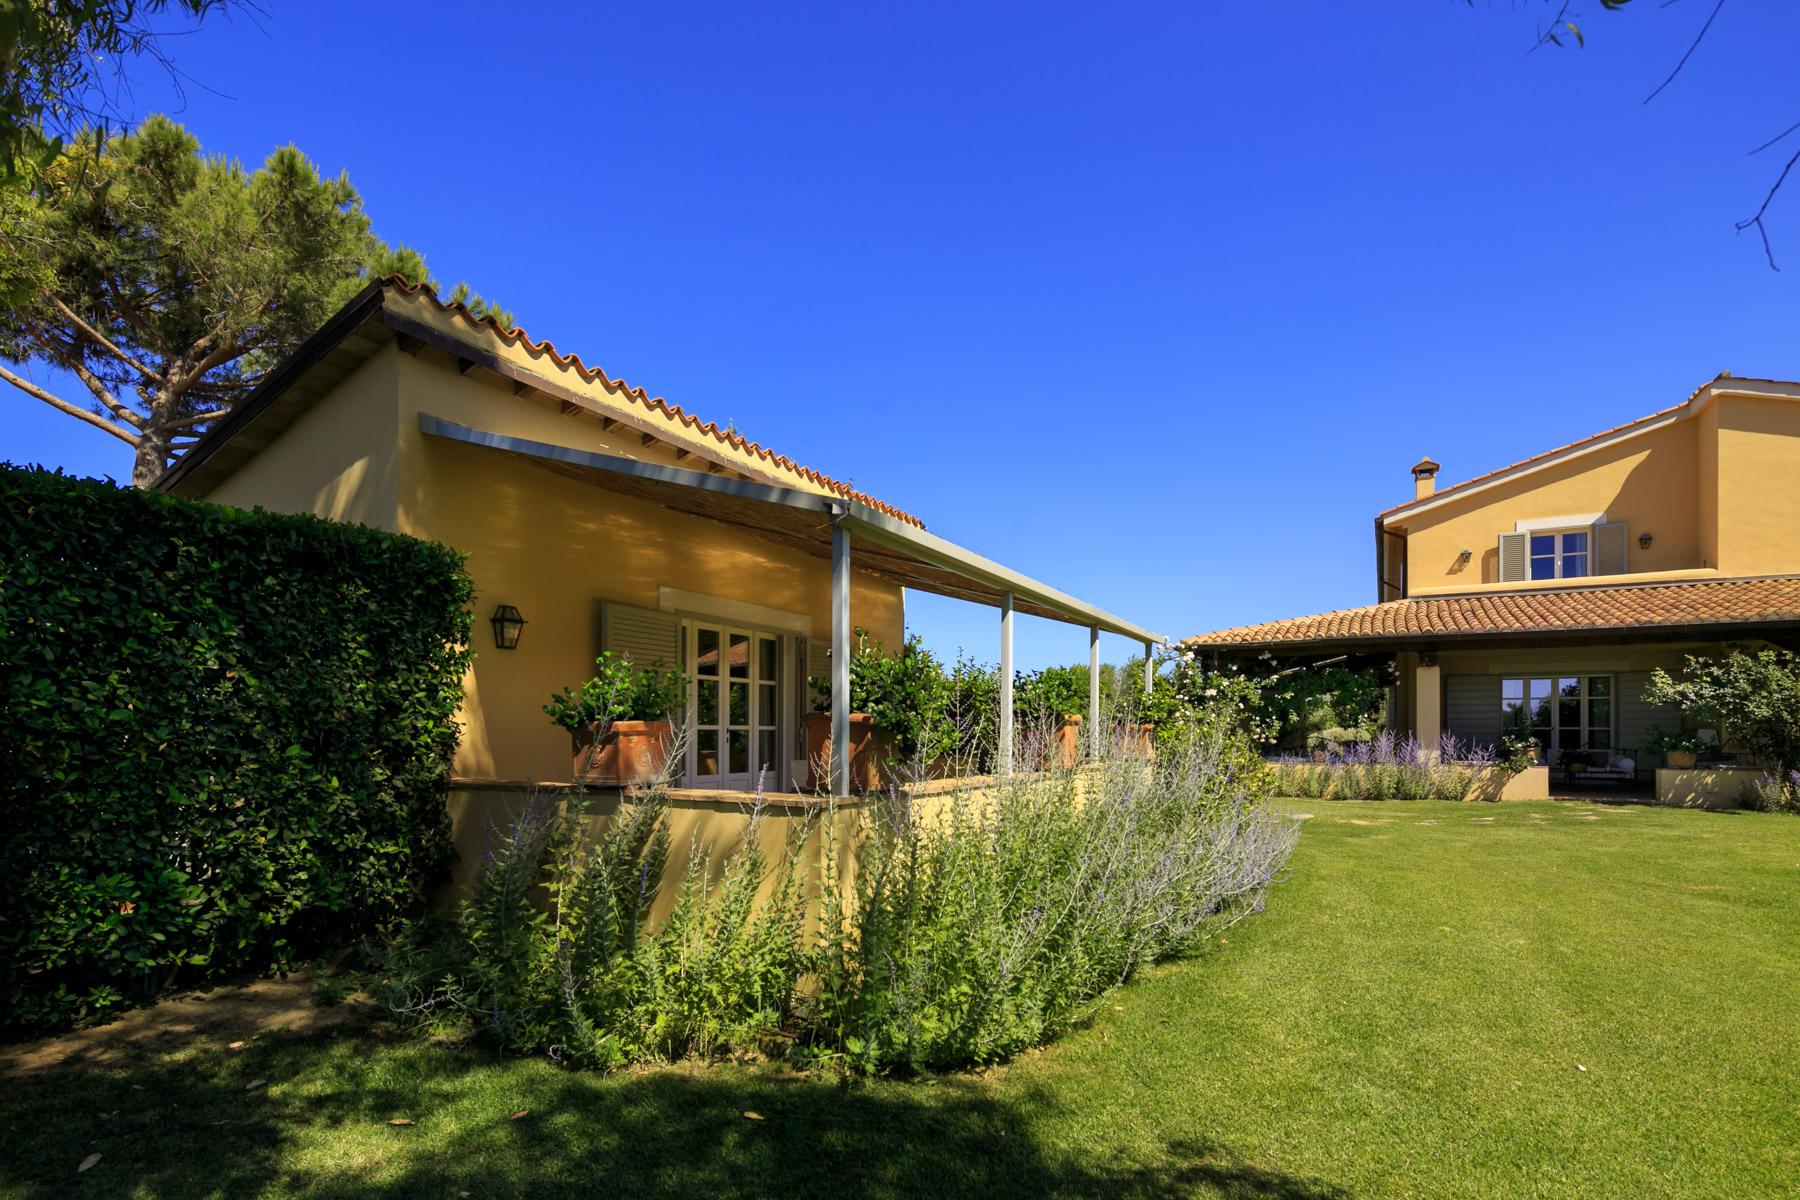 Villa in Vendita a Magliano In Toscana: 5 locali, 723 mq - Foto 17